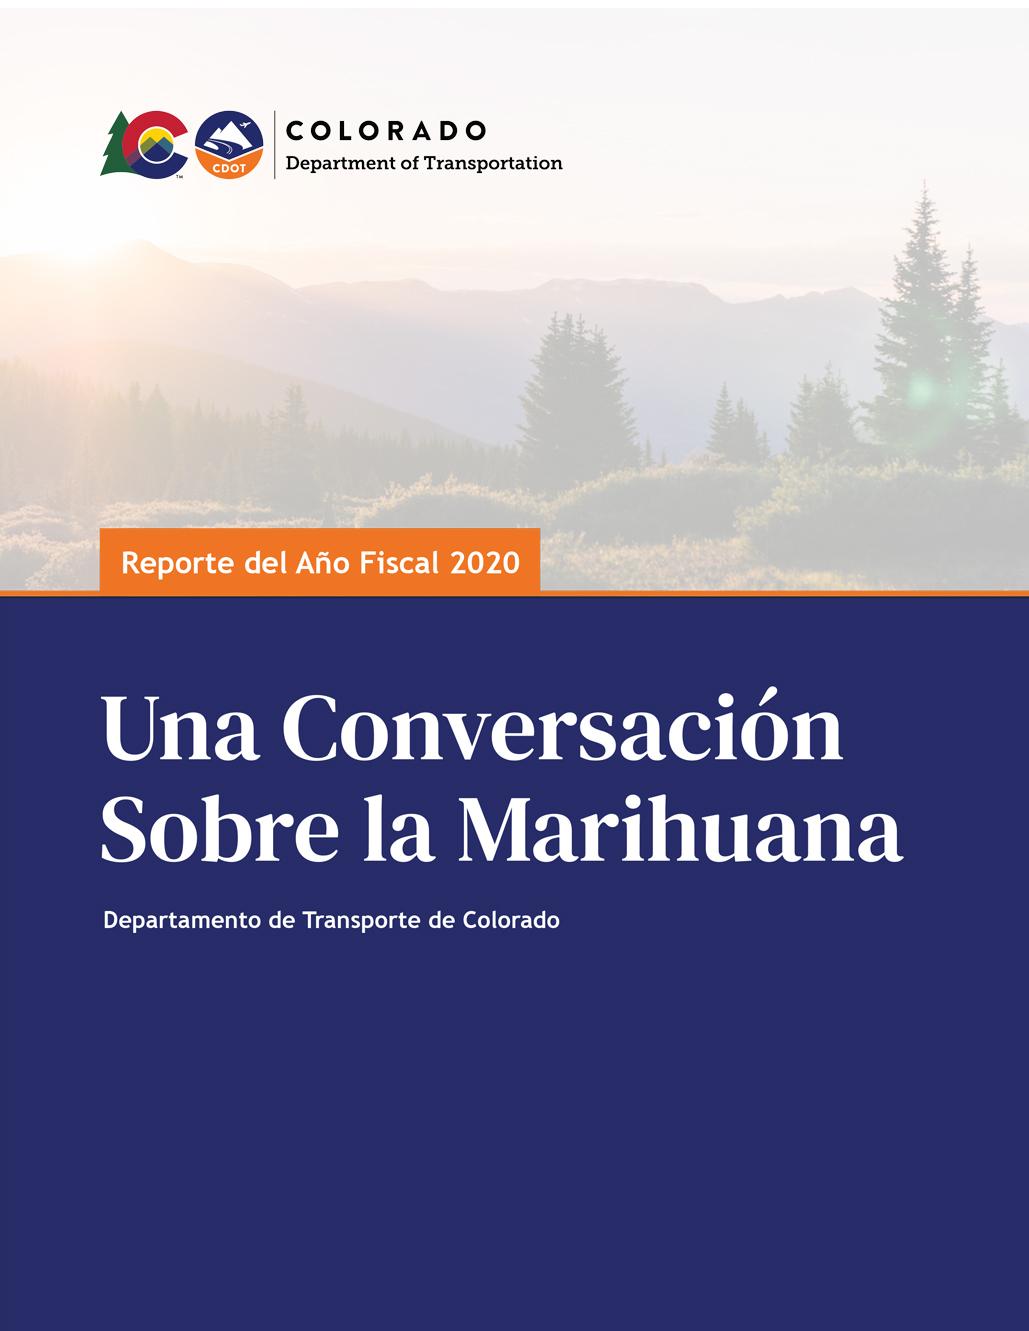 el reporte de Una Conversación sobre la Marihuana forro